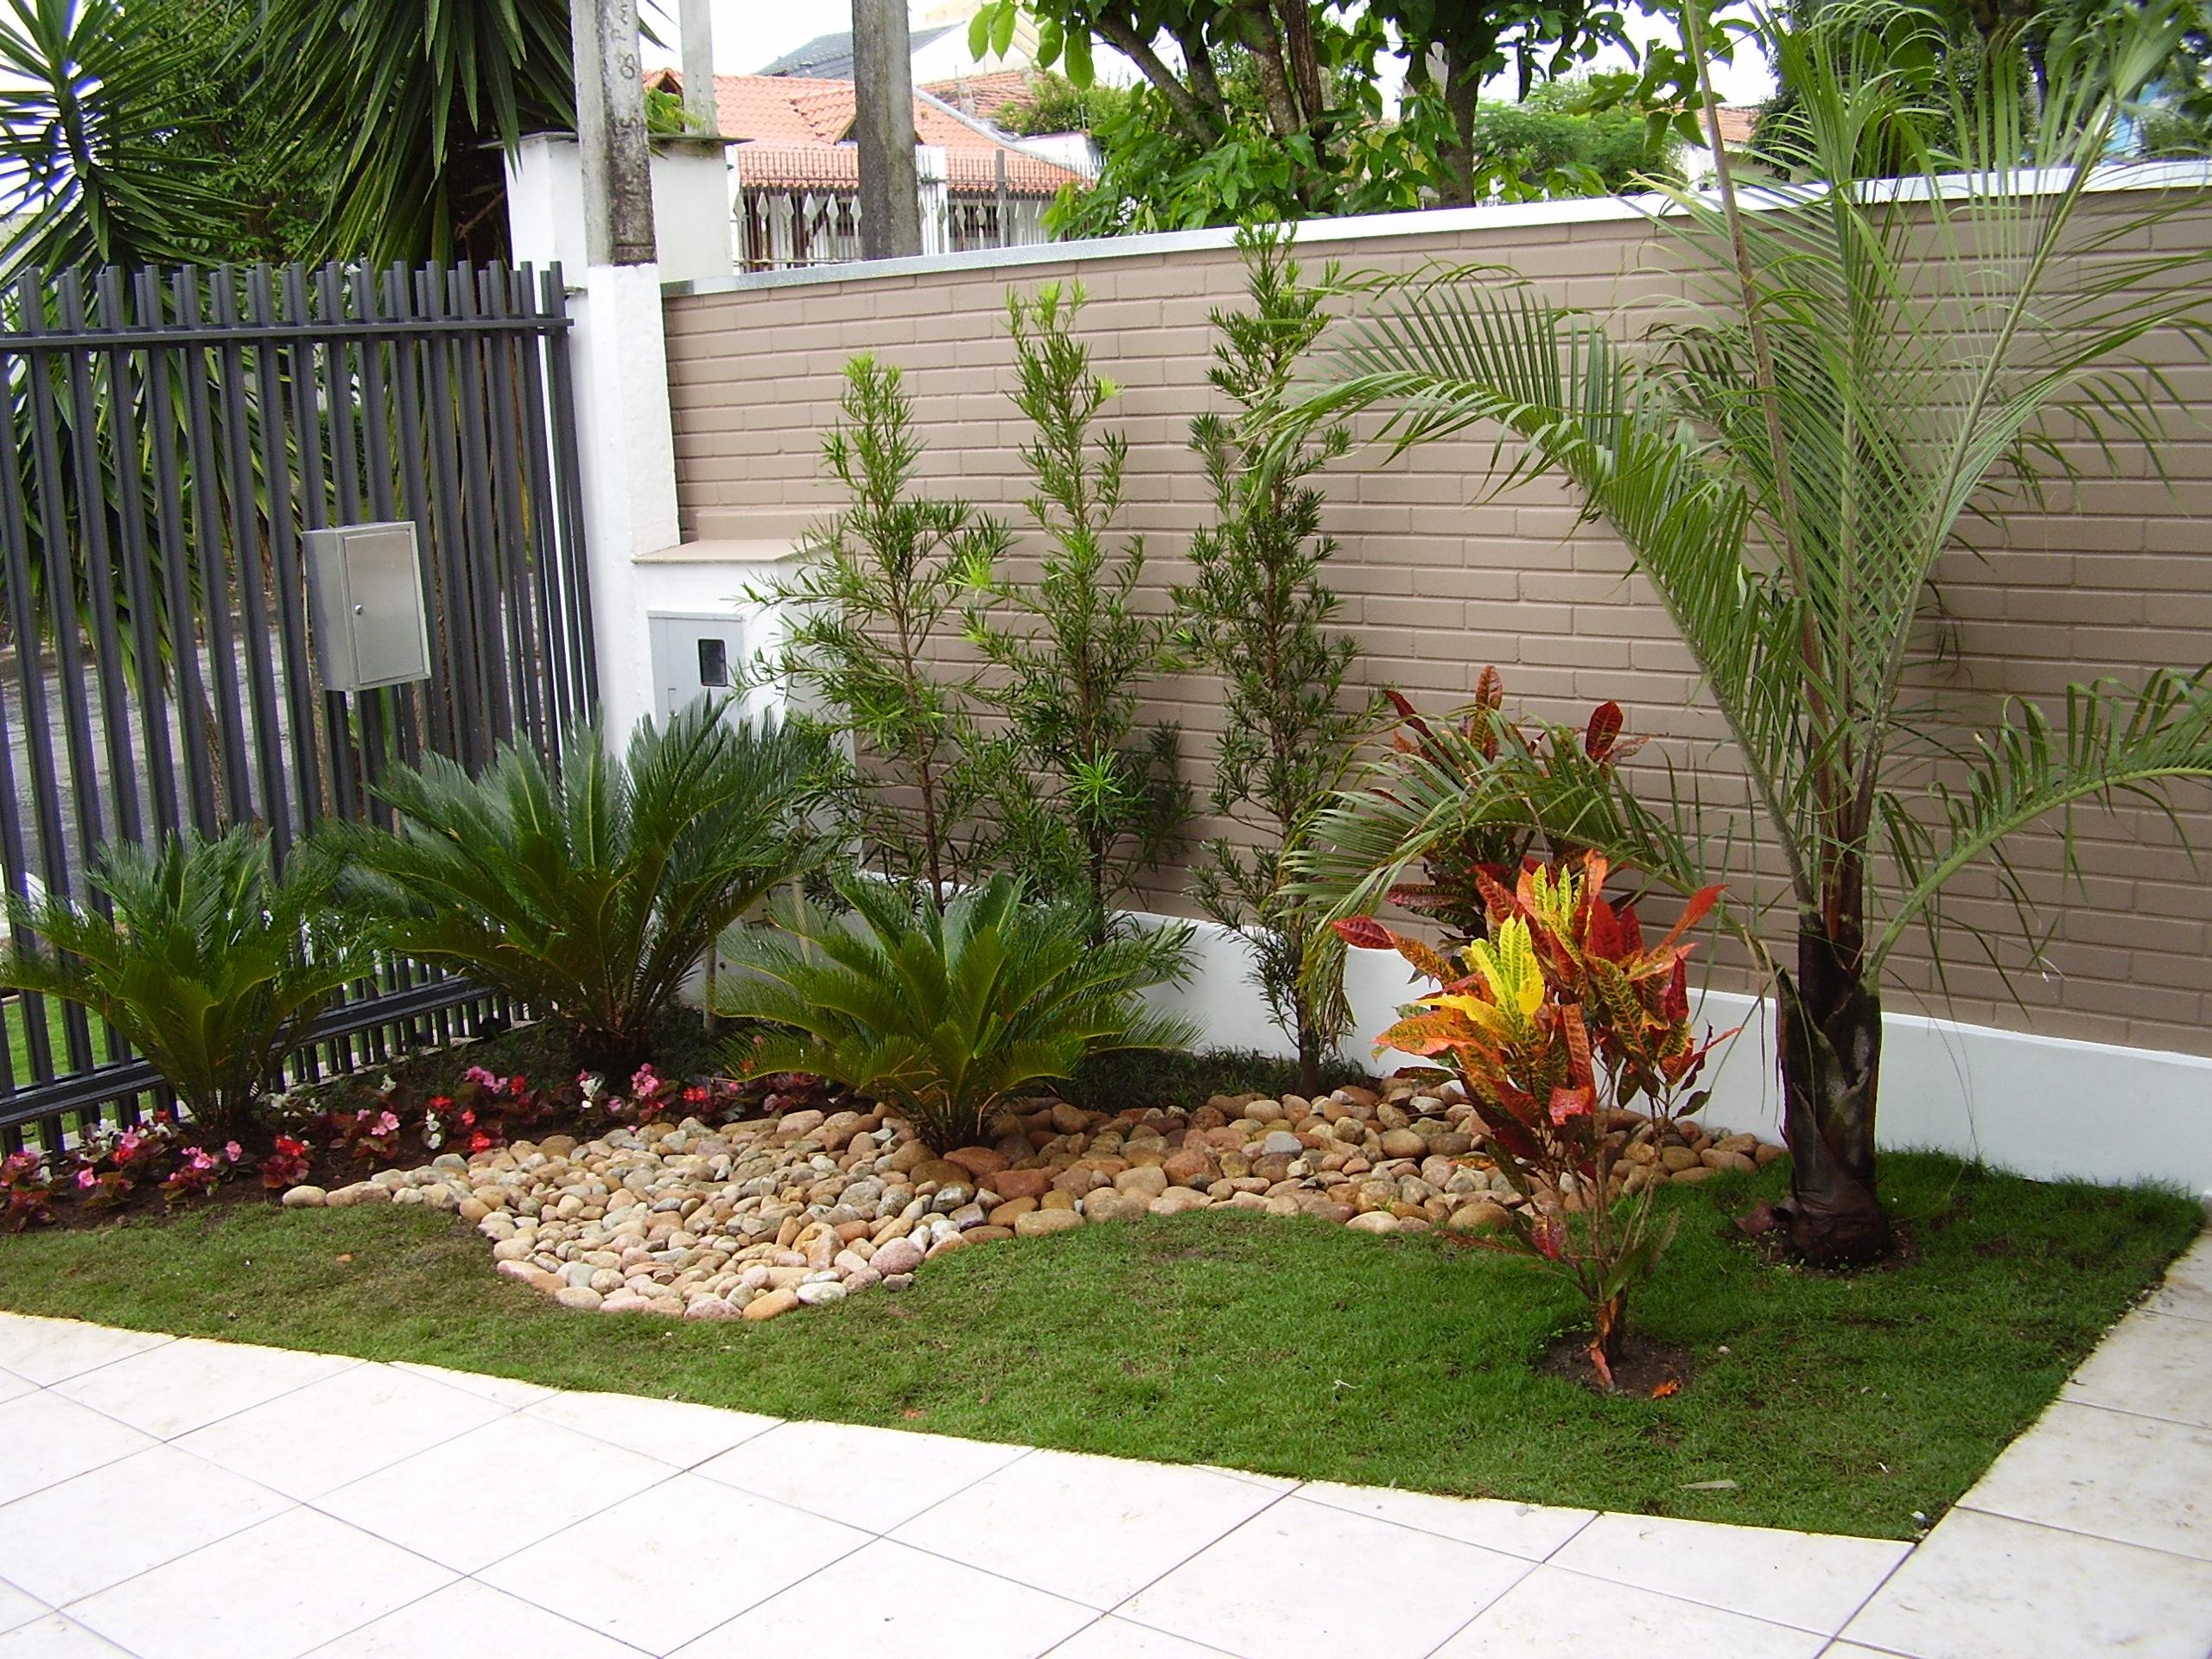 Dicas de paisagismo e jardinagem residencial simples for O jardins d eglantine